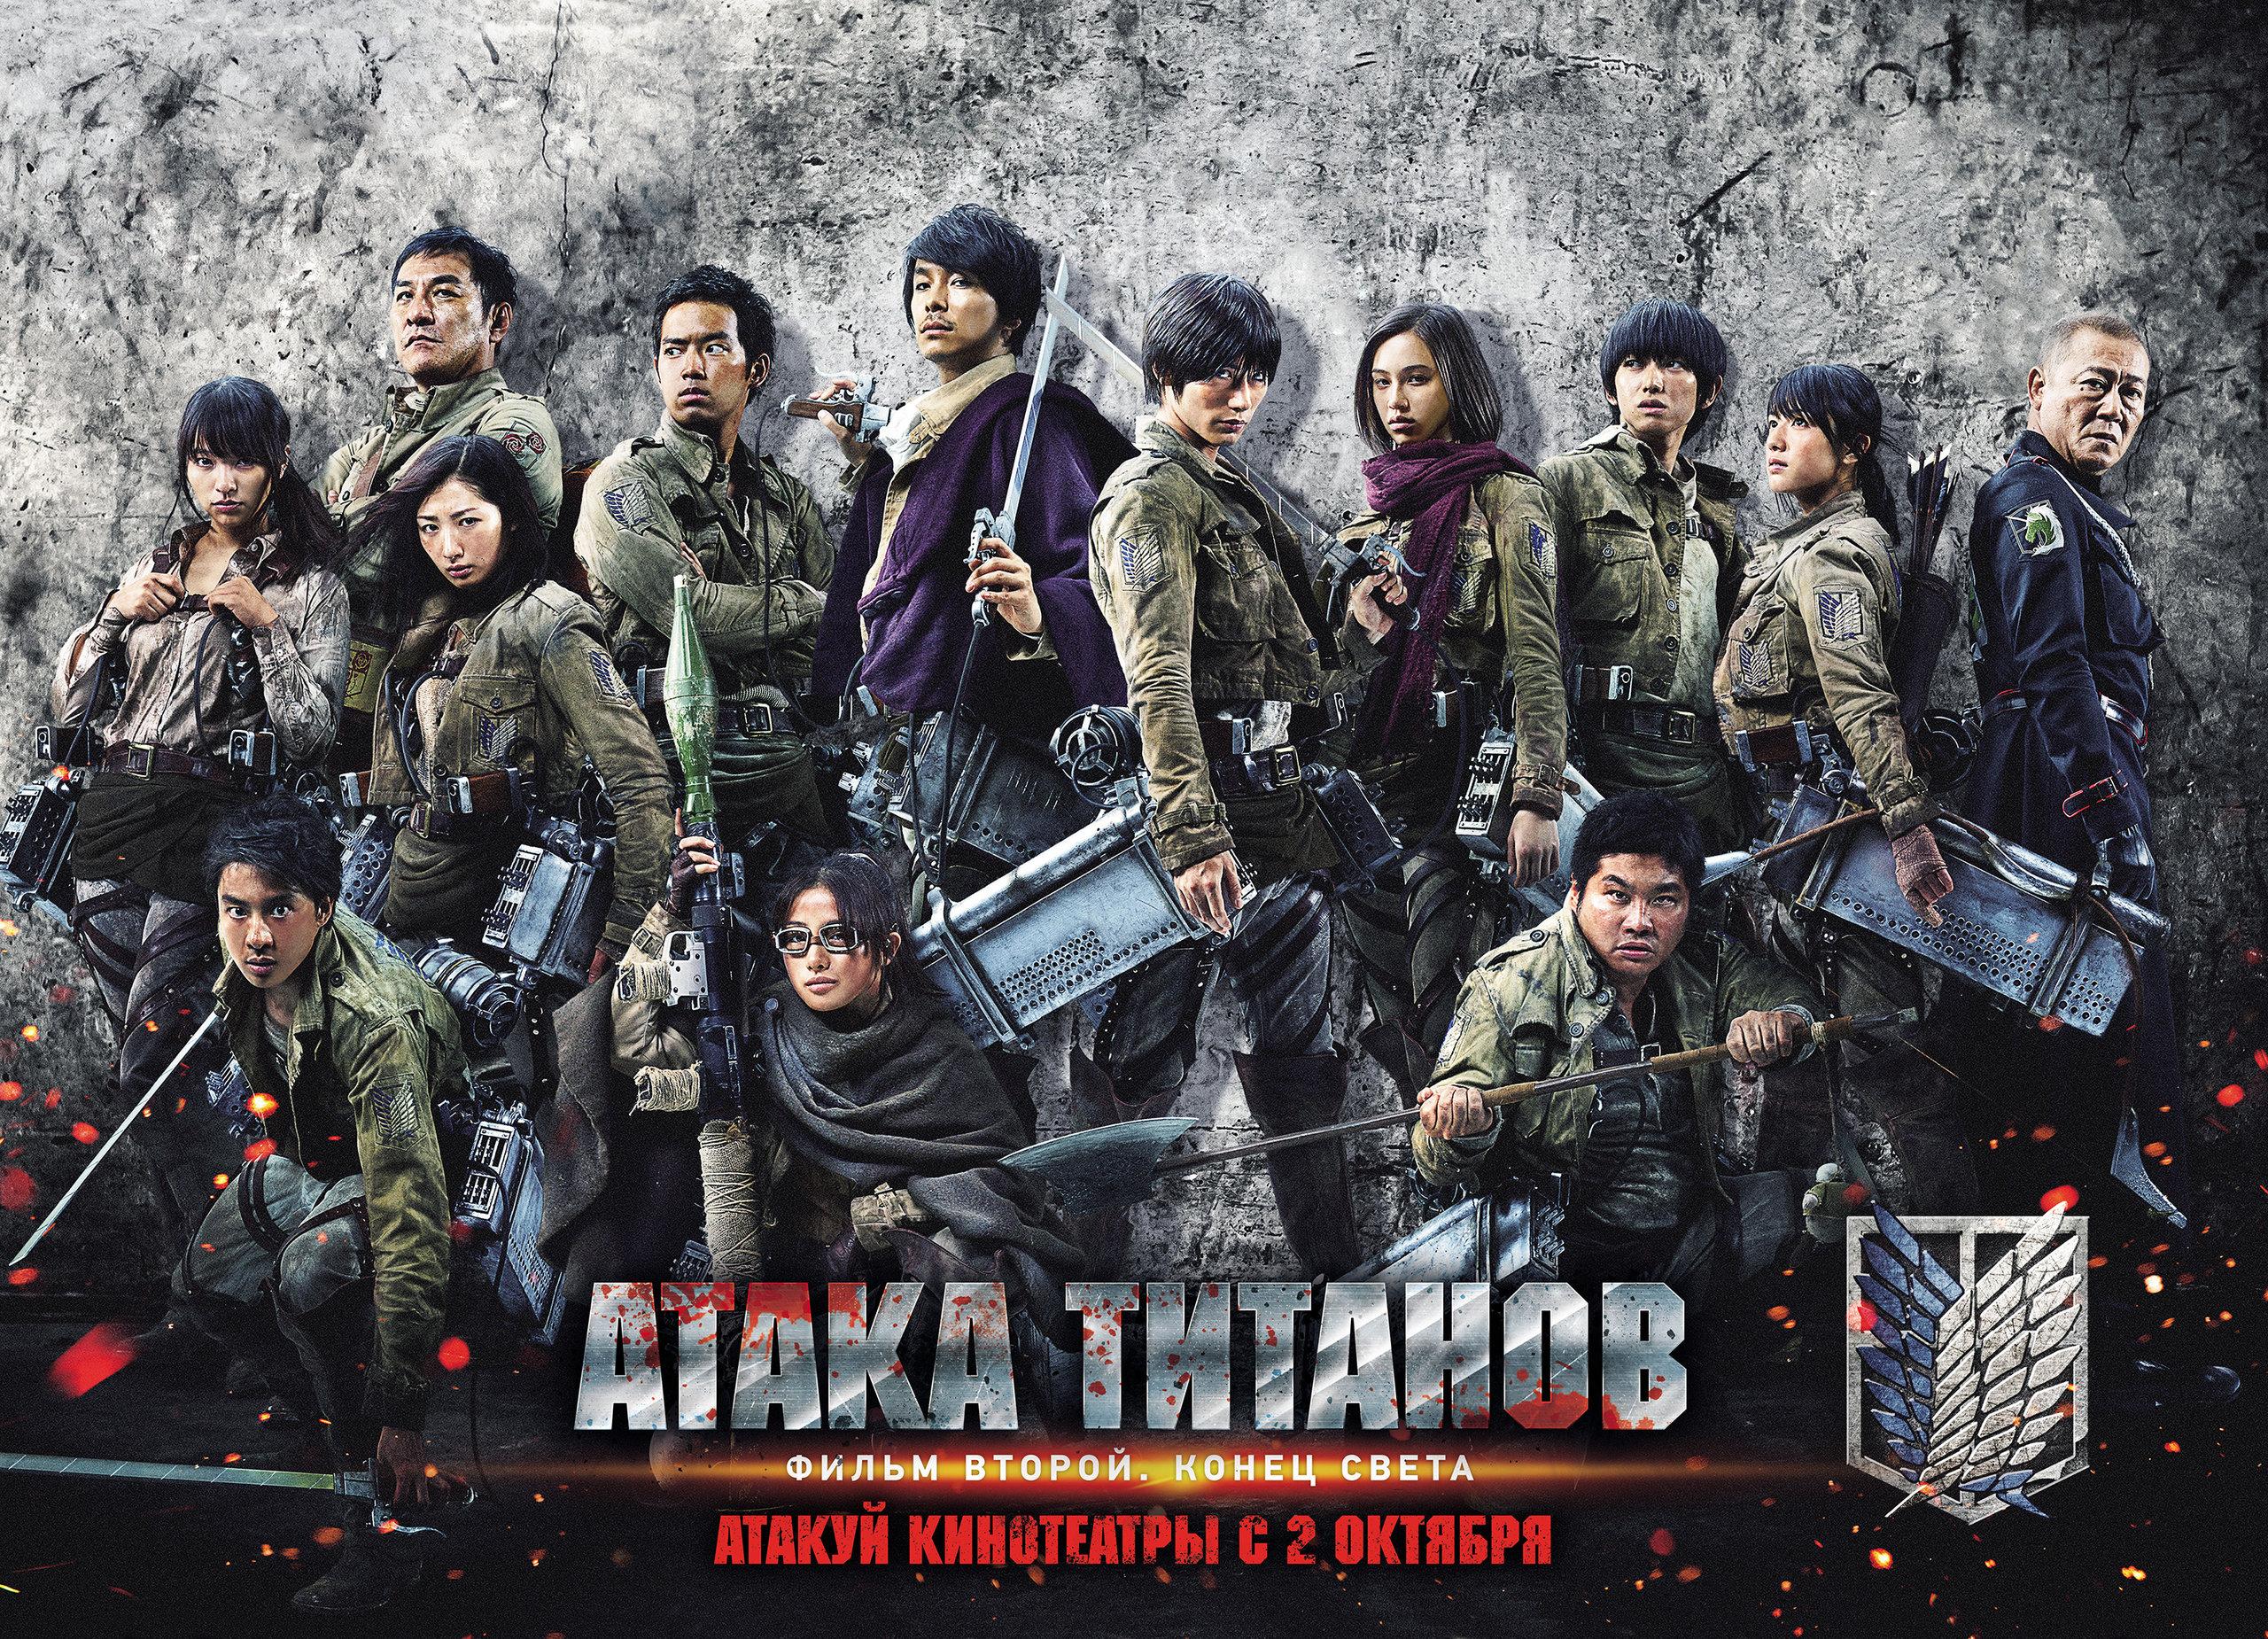 «Смотреть Фильм Онлайн Атака Титанов Фильм Второй» — 2014